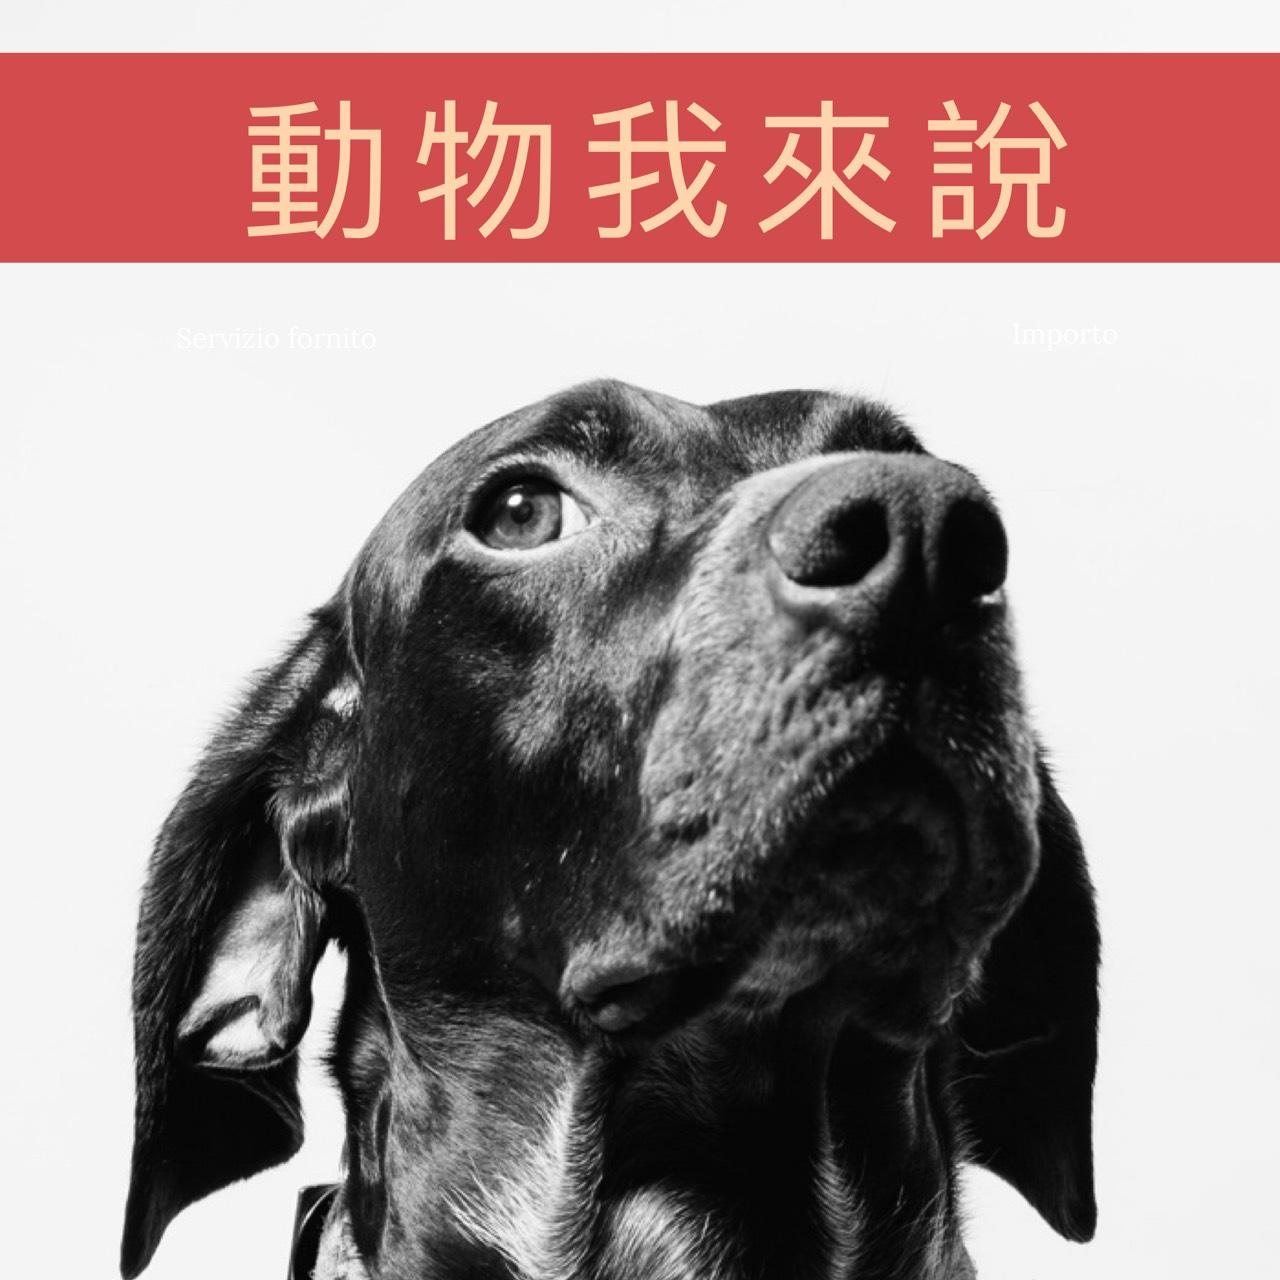 Ep7—動物我來說系列《犬貓冷知識》